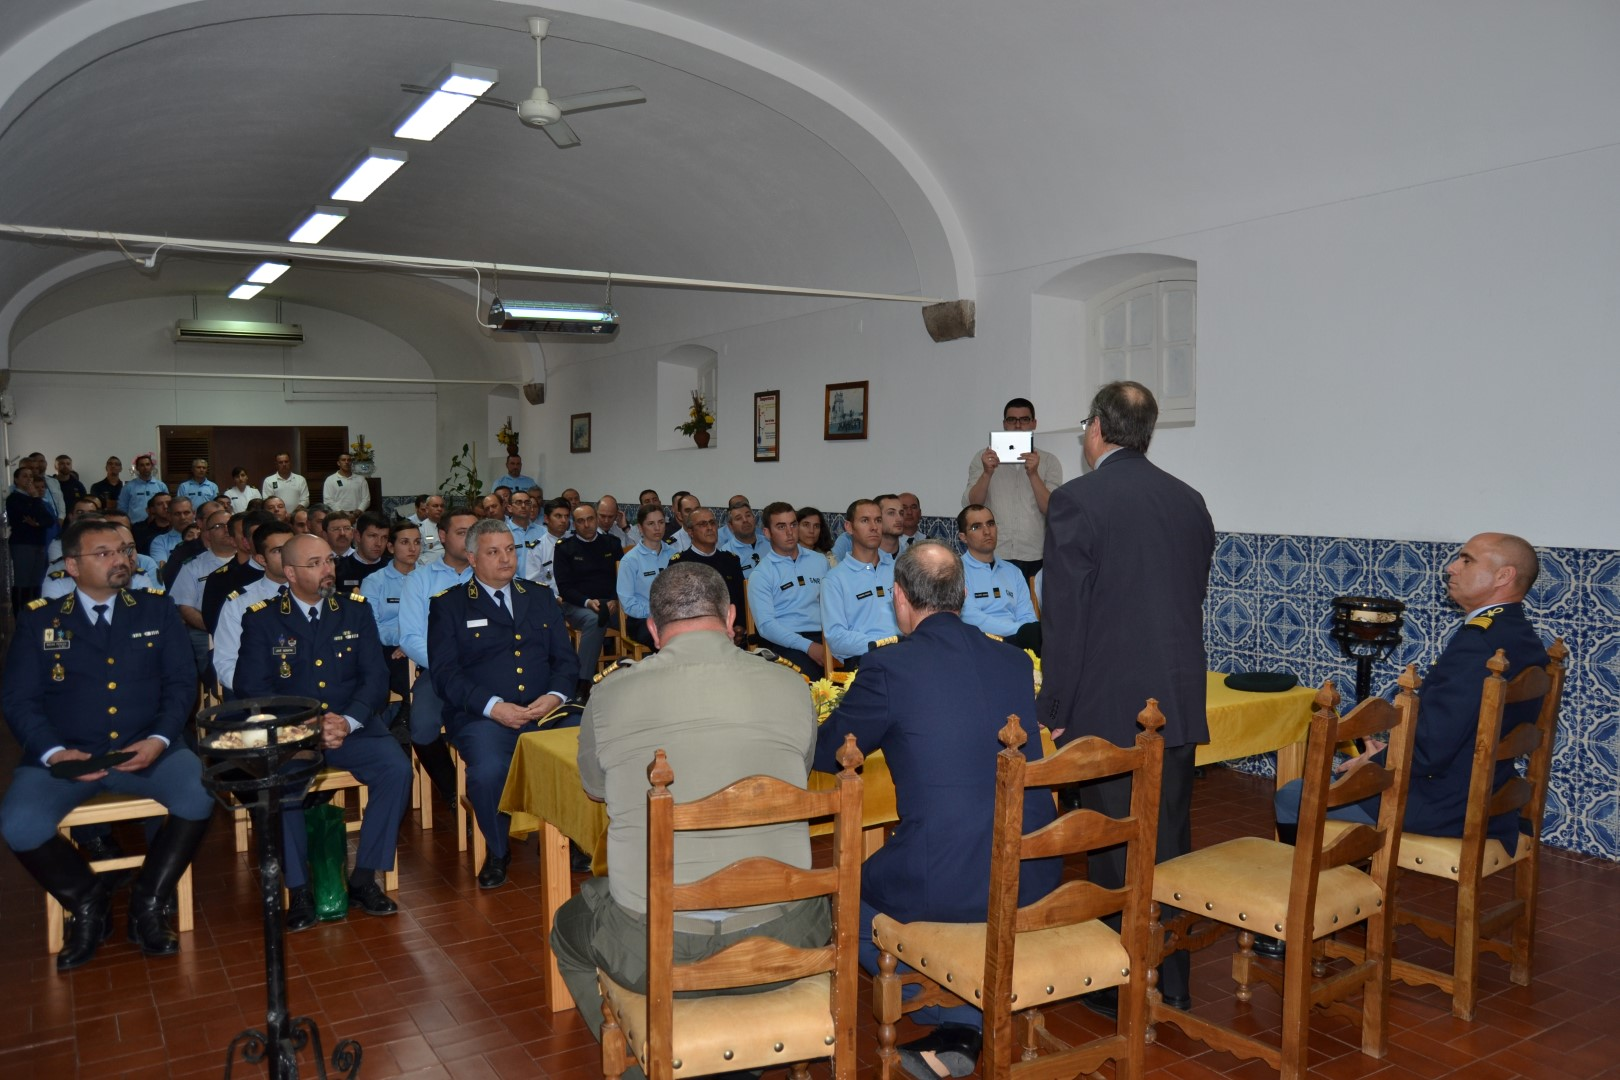 GNR_Visita Pastoral de Dom Manuel Linda ao Comando Territorial de evora